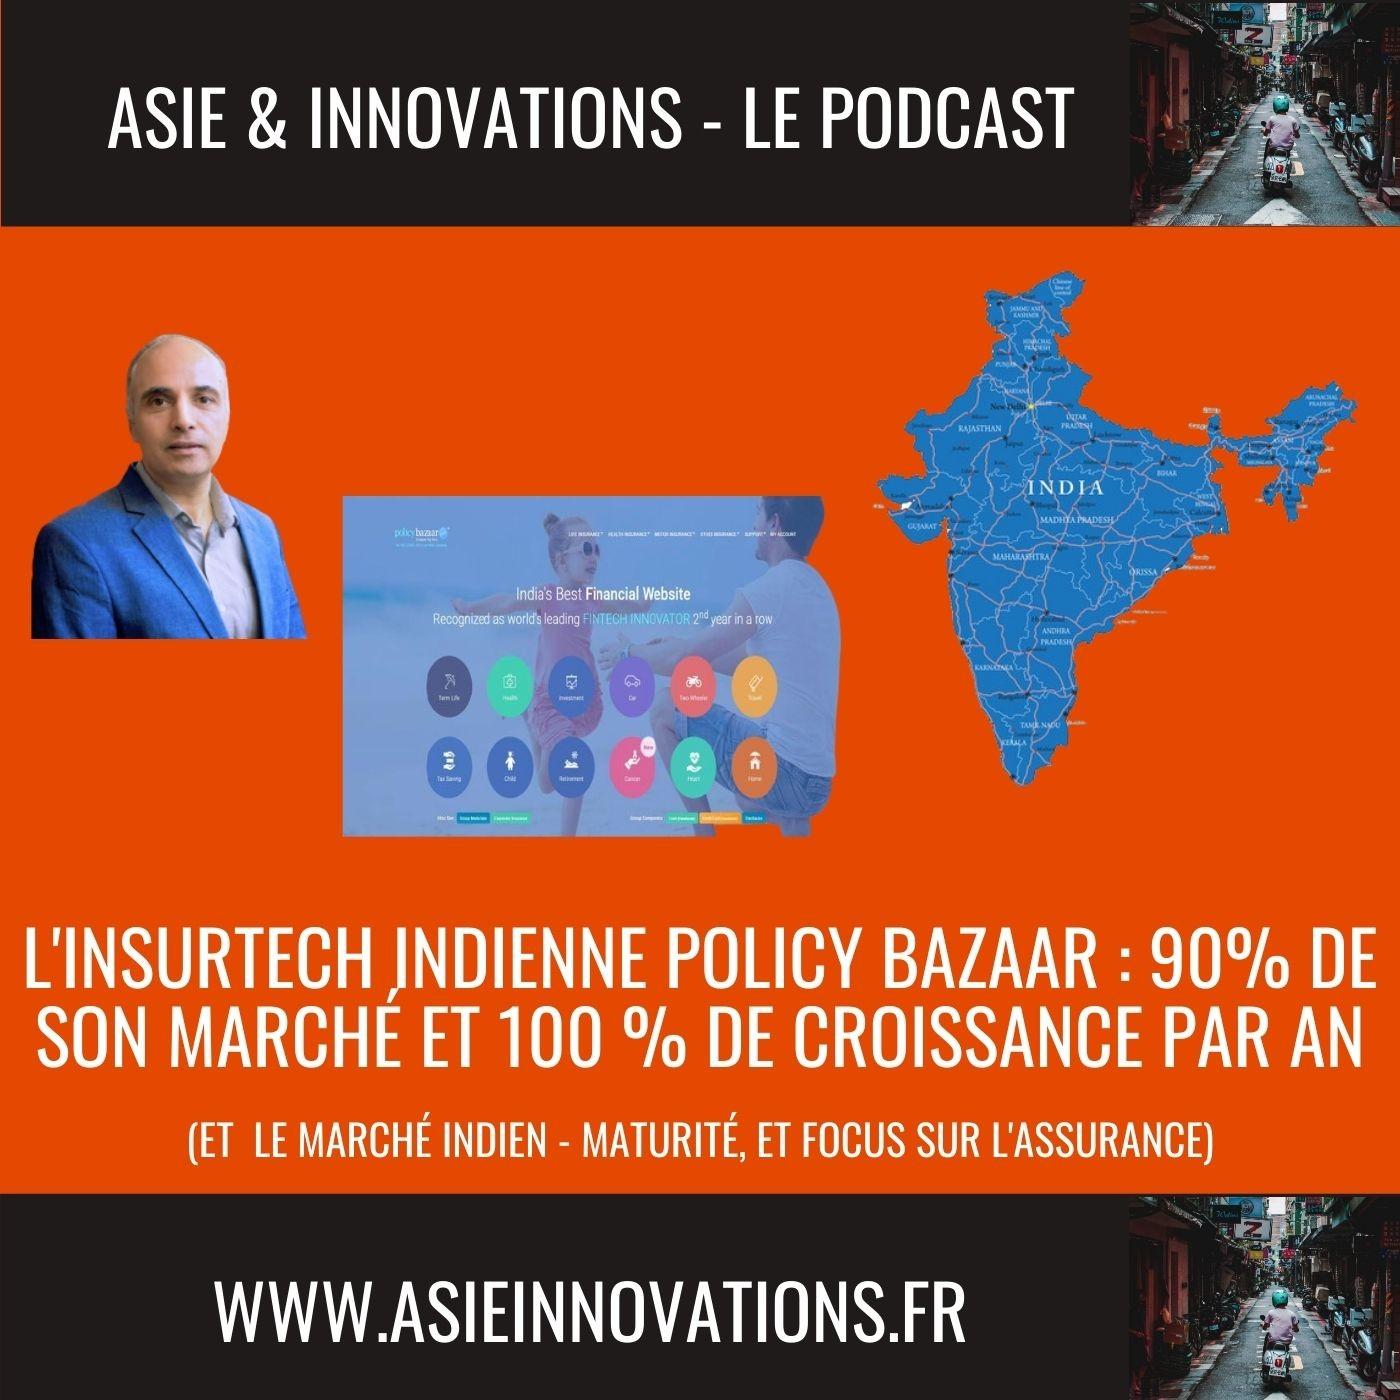 l'insurtech Indienne Policy Bazaar : 90% de son marché et 100 % de croissance par an